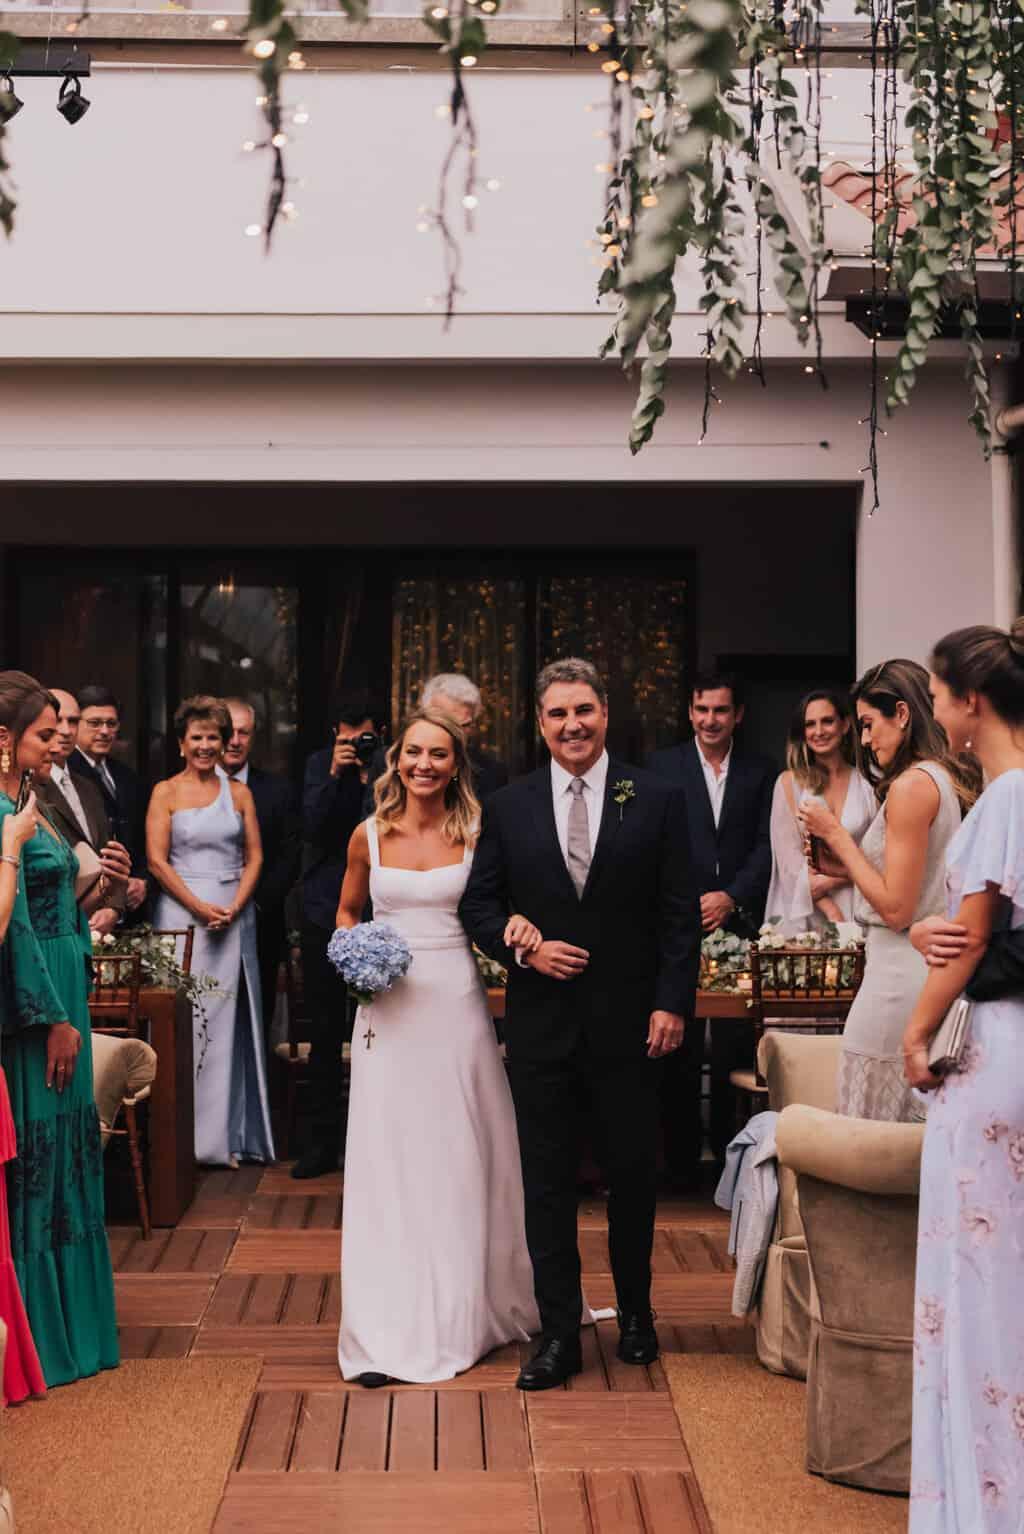 casamento-Maitê-e-Breno-cerimonia-no-jardim-entrada-da-noiva-Fotografia-Mana-Gollo-Hotel-Timbó-Park38